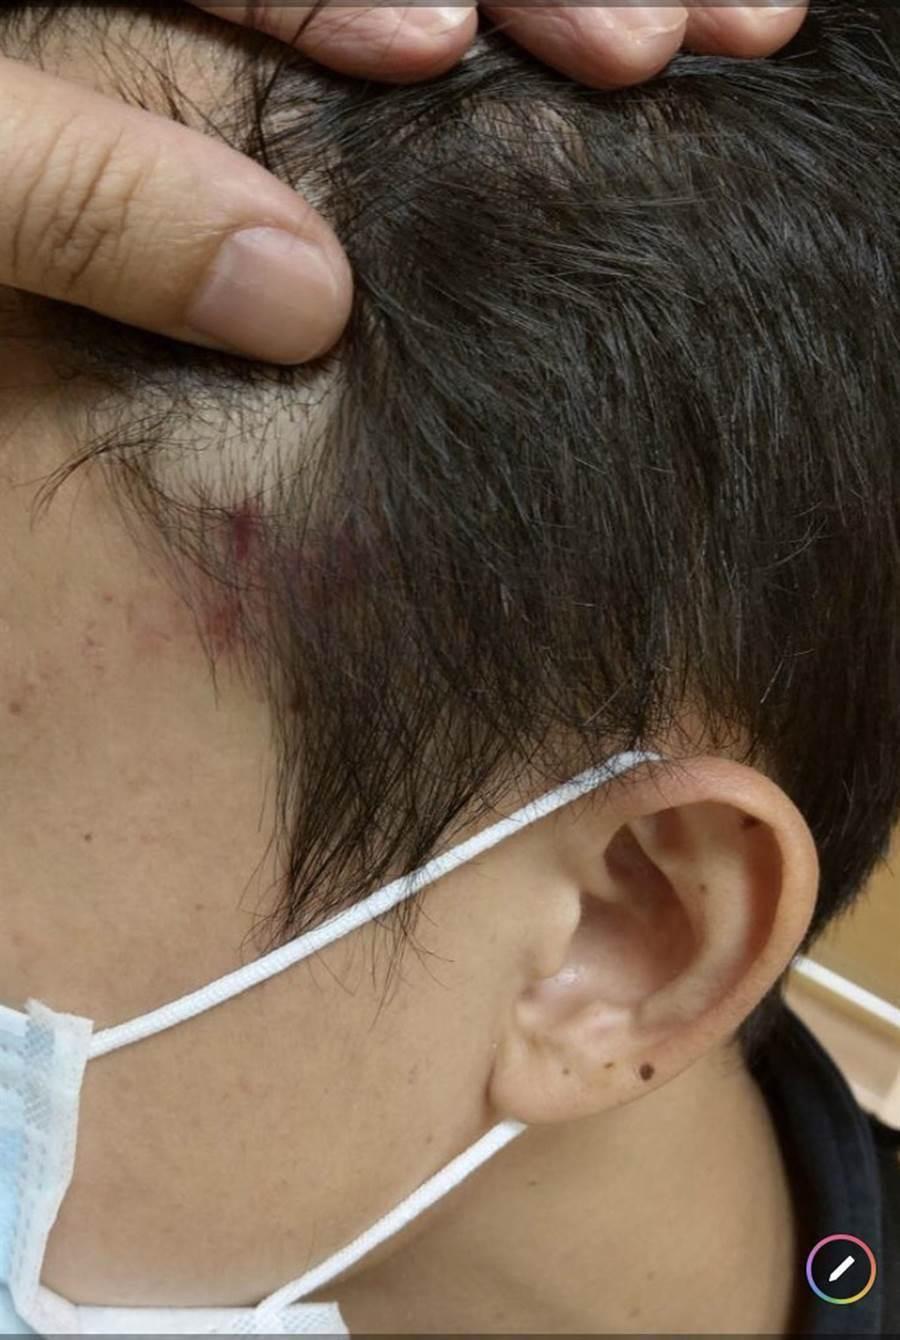 子彈從駕車的維安員警左側畫過,造成頭部4乘2公分的擦傷。(陳世宗翻攝)